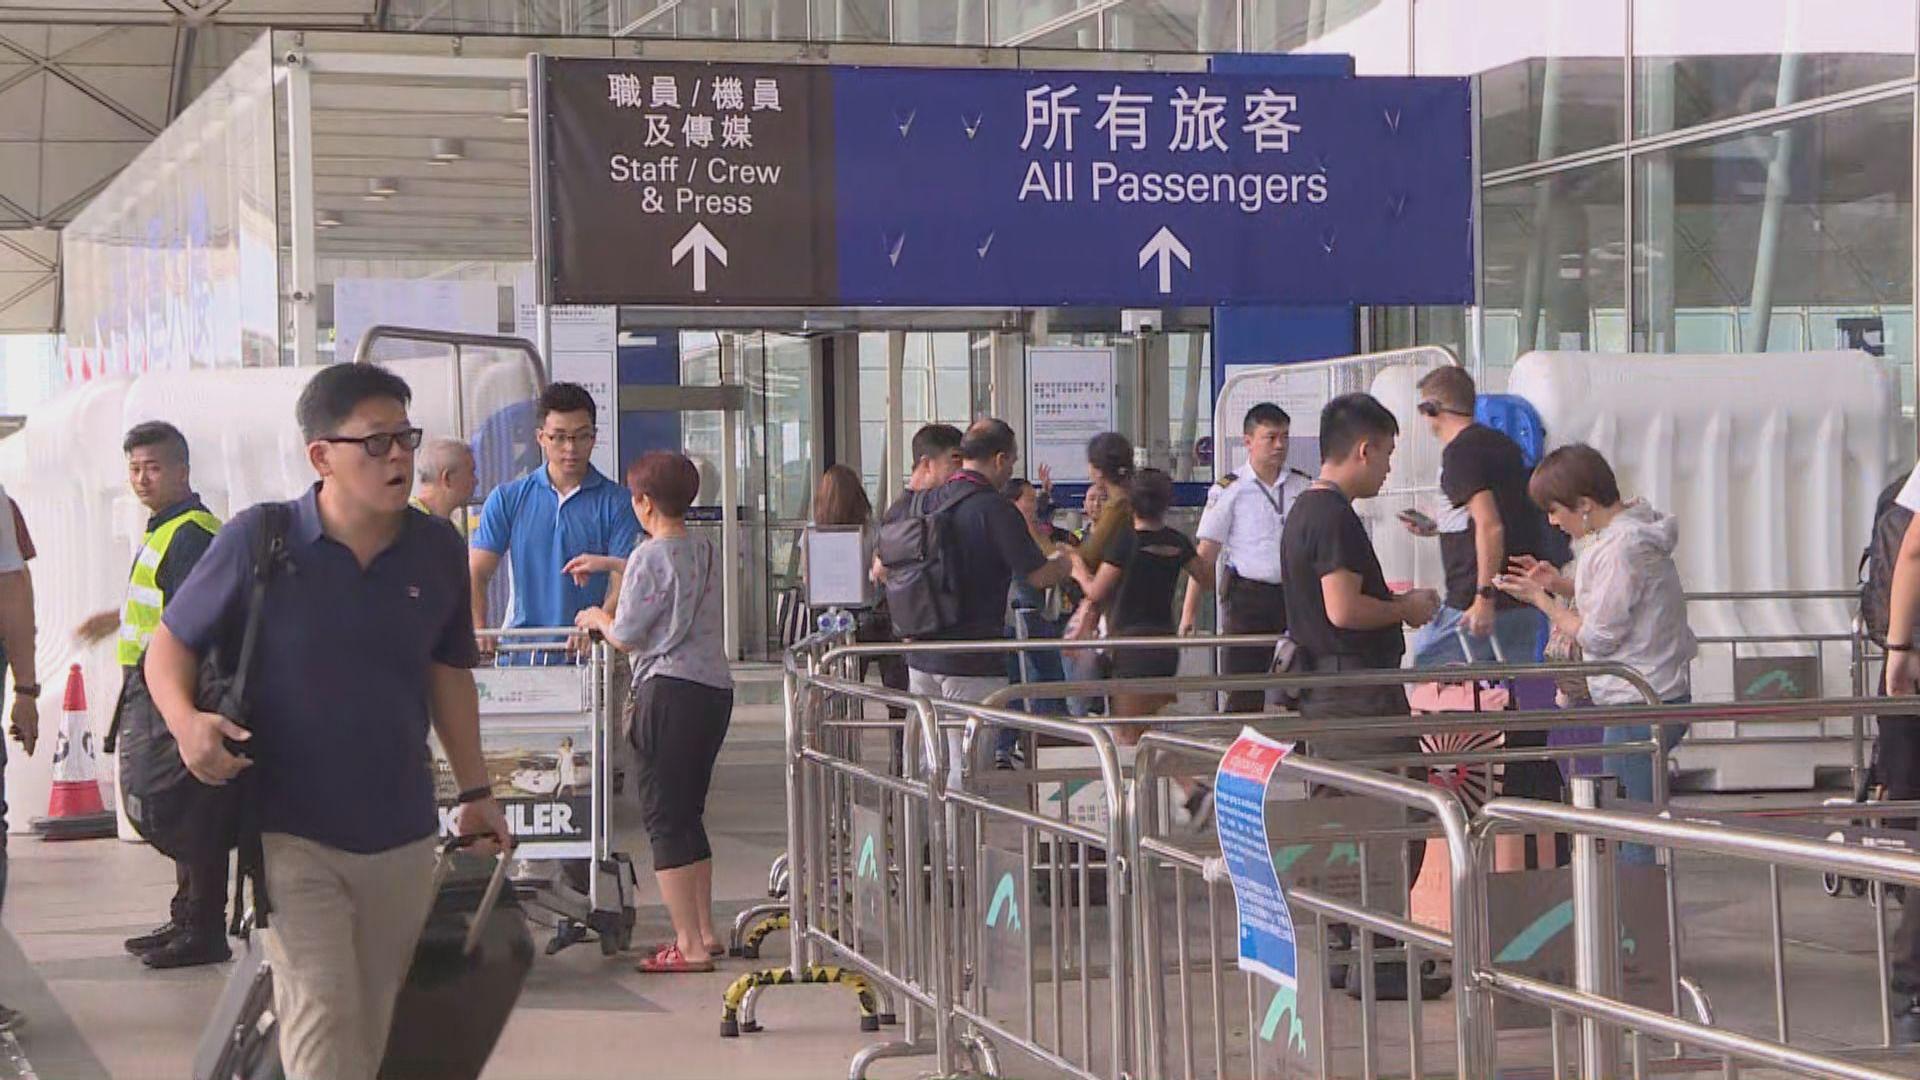 網民發起癱瘓機場交通 機場暫運作正常